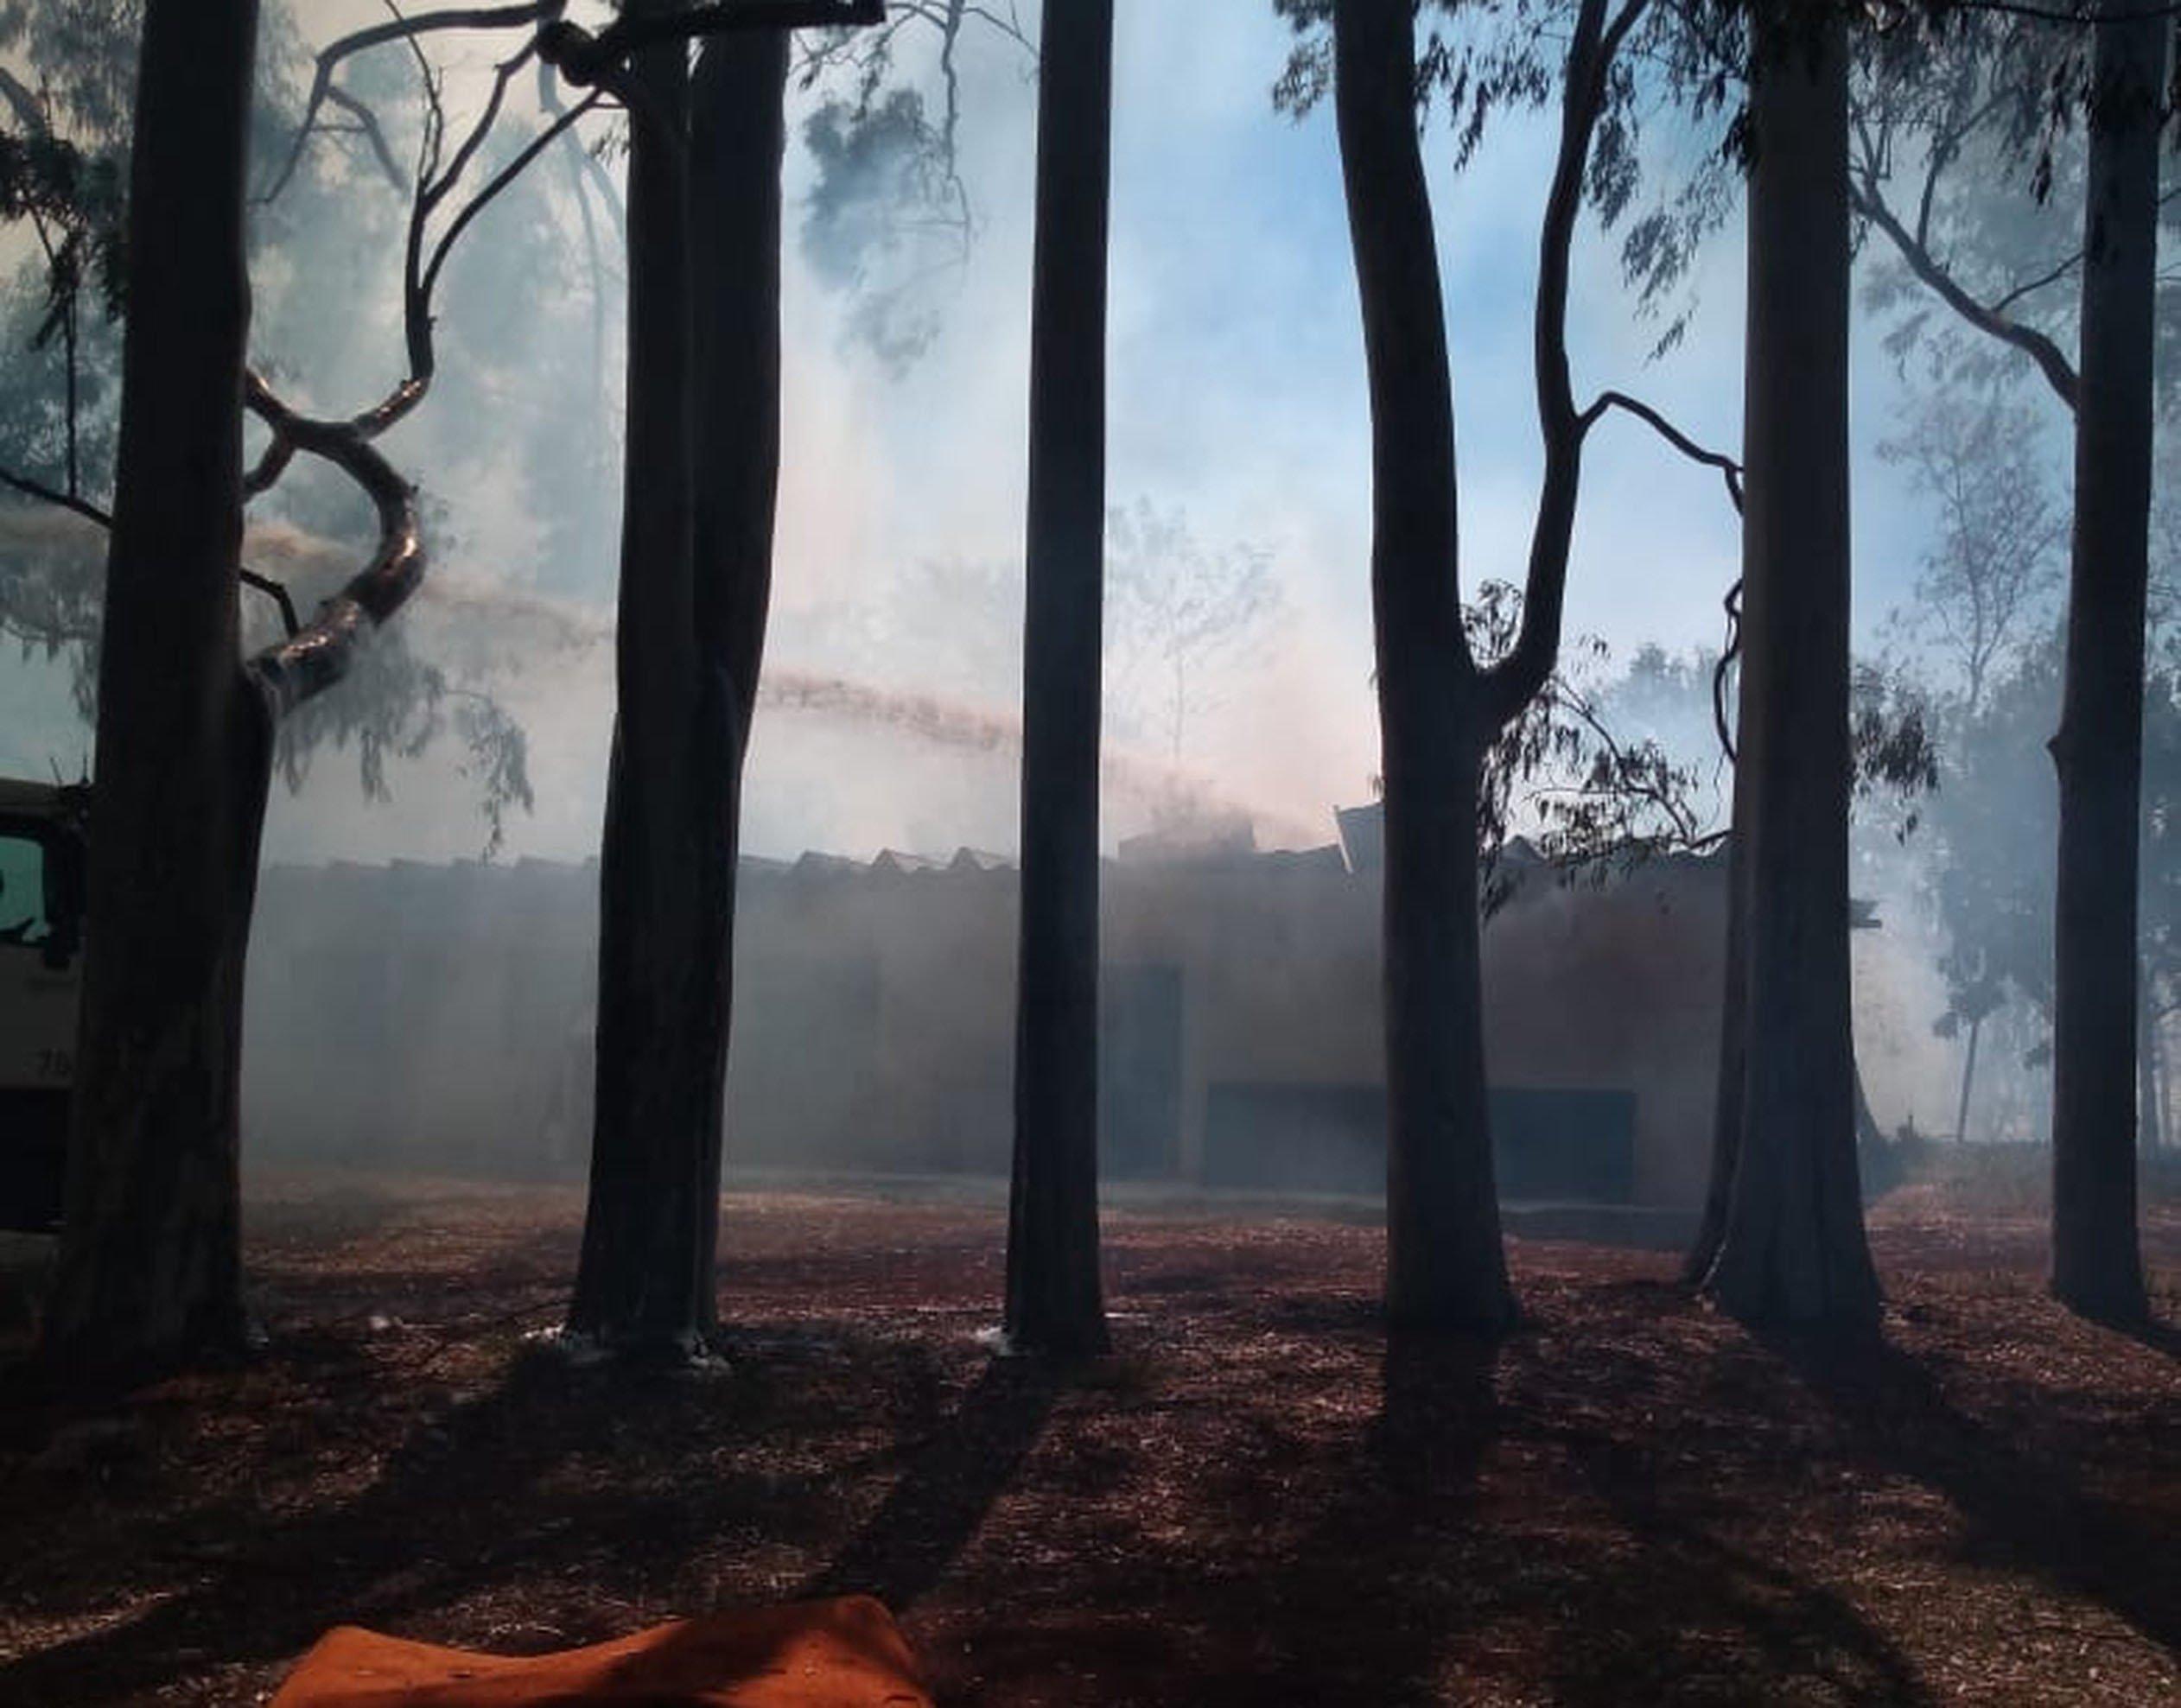 Incêndio atinge barracão em campus da Unimep de Santa Bárbara d'Oeste, SP